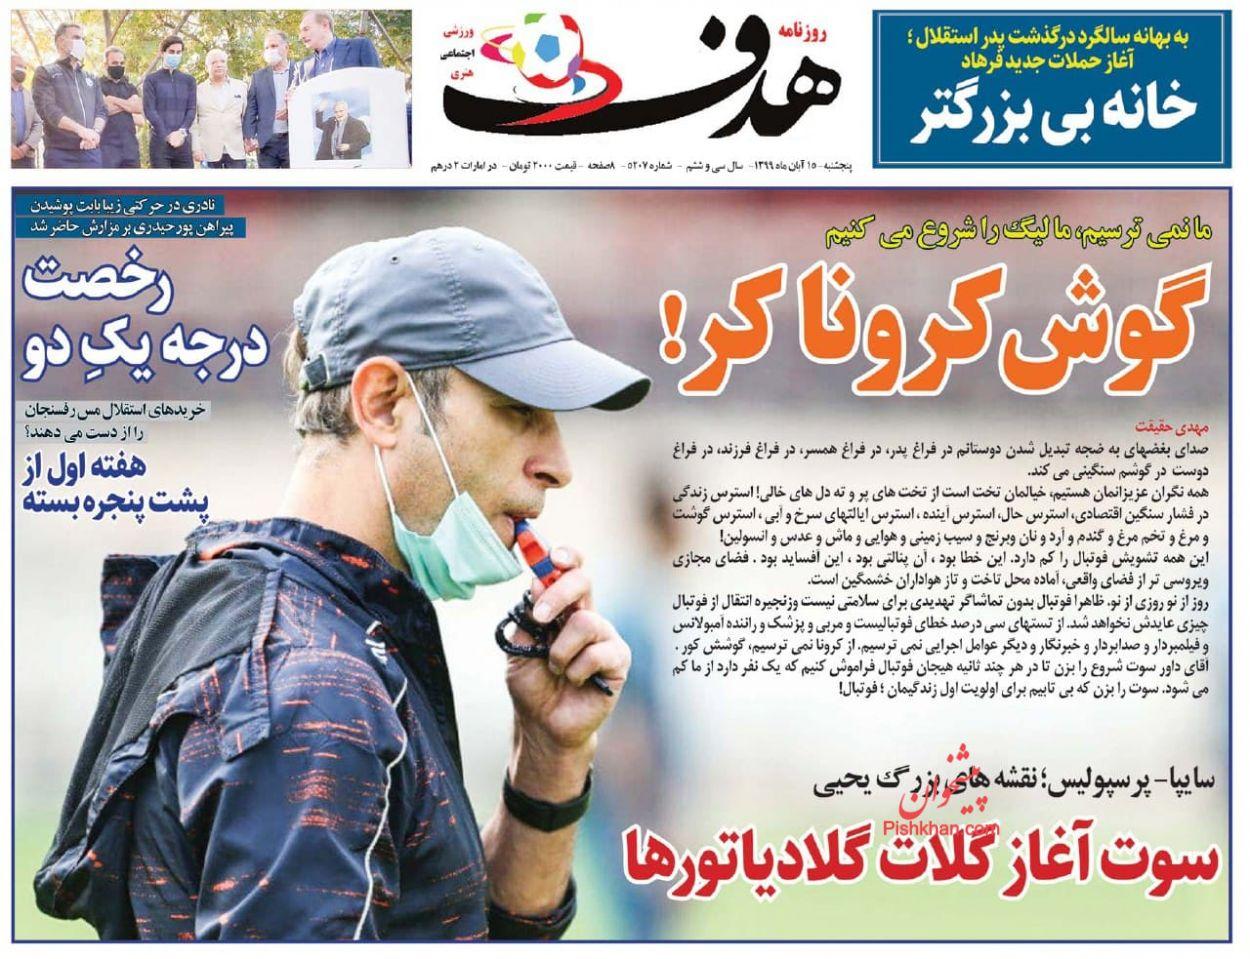 عناوین اخبار روزنامه هدف در روز پنجشنبه ۱۵ آبان